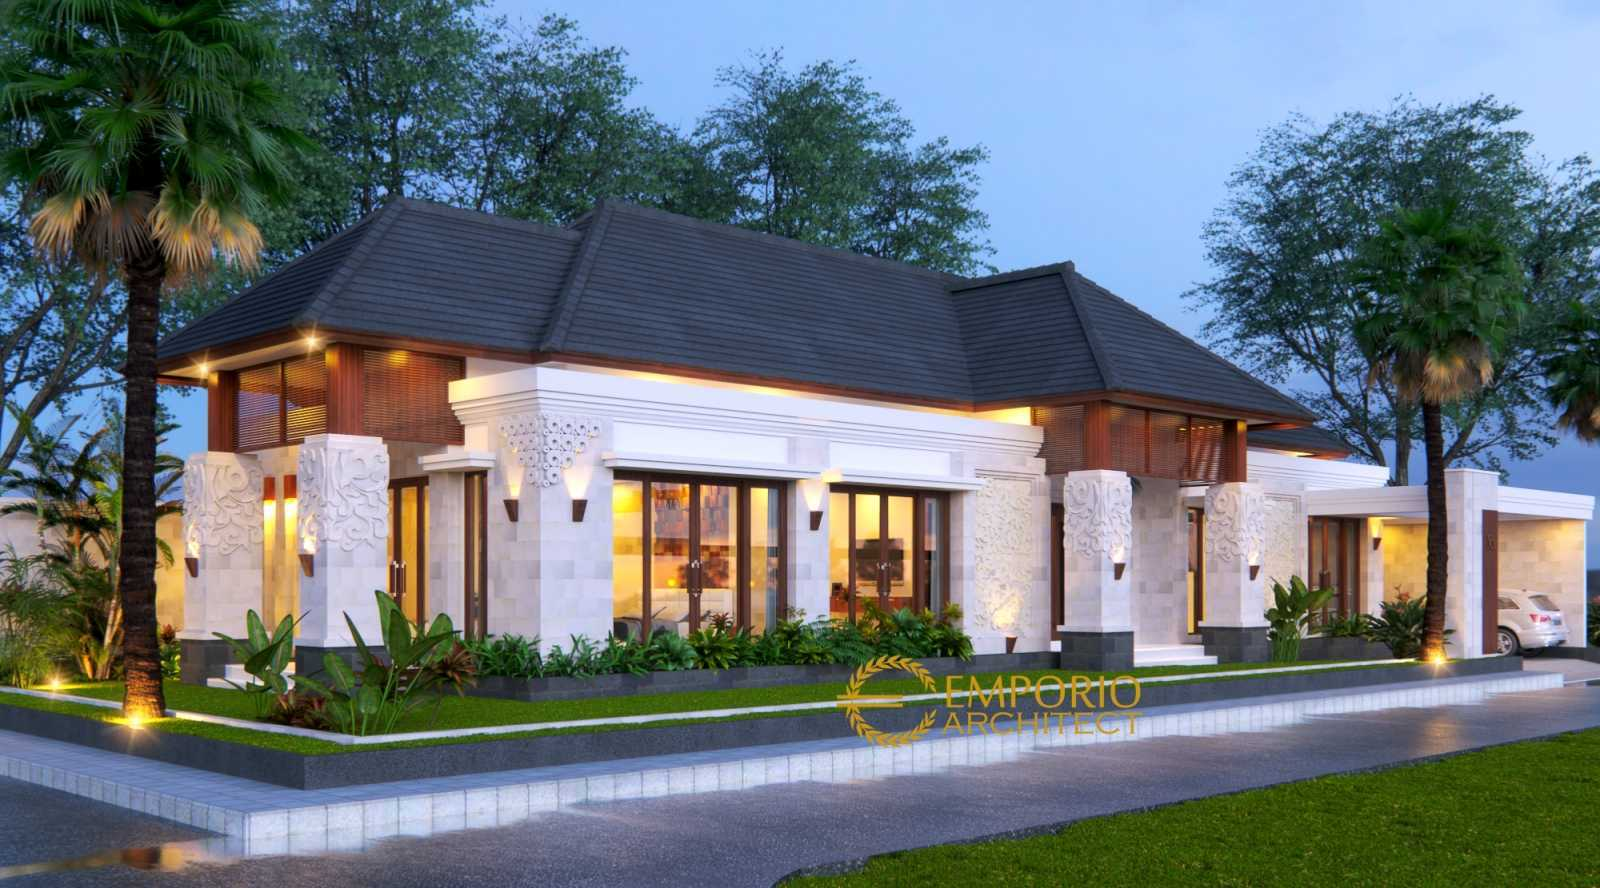 Emporio Architect Jasa Arsitek Desain Rumah Villa Bali Tropis 617 @ Aceh Aceh, Indonesia Aceh, Indonesia Emporio-Architect-Jasa-Arsitek-Desain-Rumah-Villa-Bali-Tropis-617-Aceh  77875